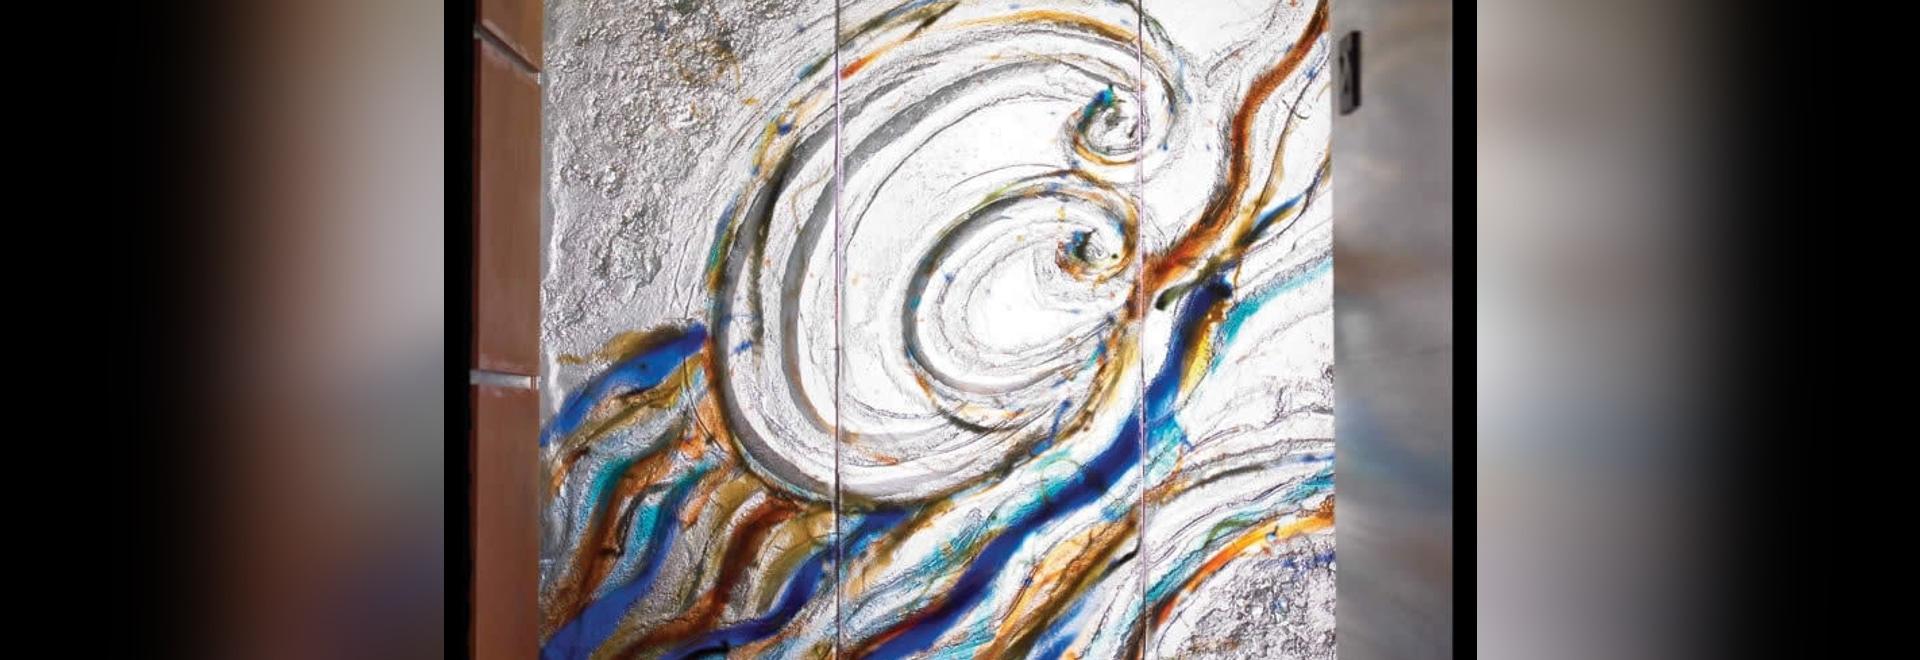 Vidrio mural del arte